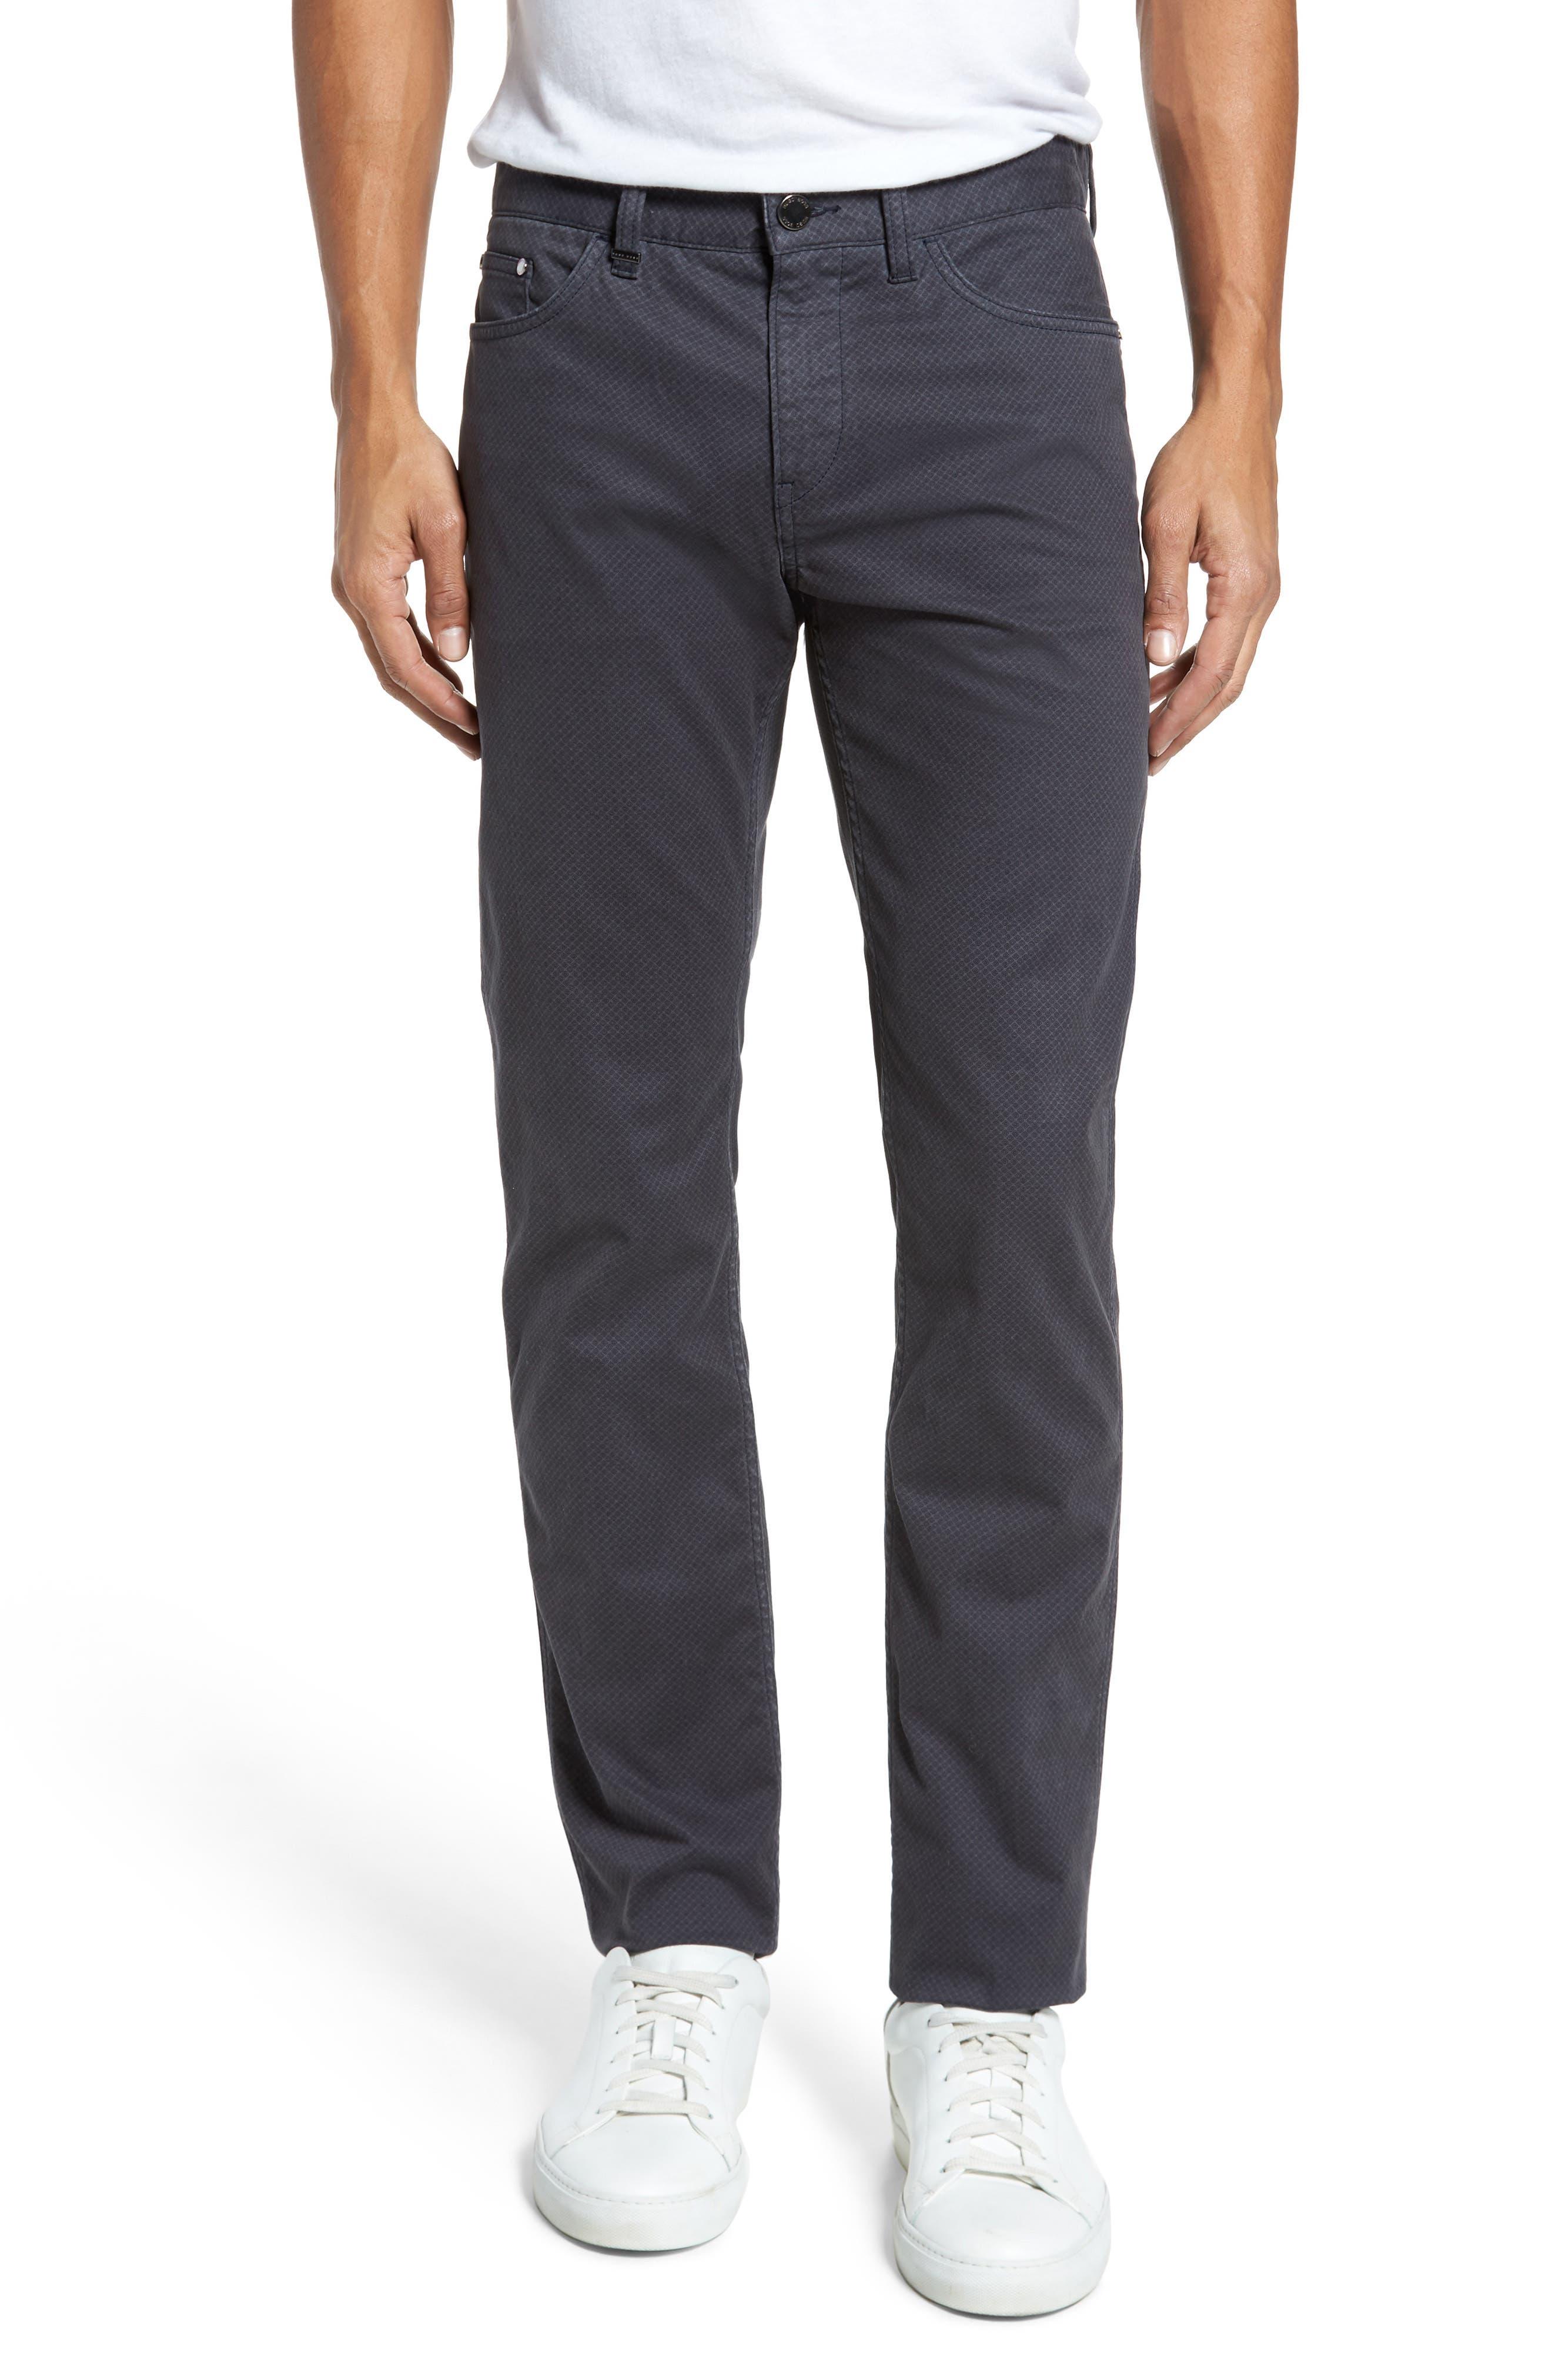 Delaware Slim Fit Pants,                         Main,                         color, Grey